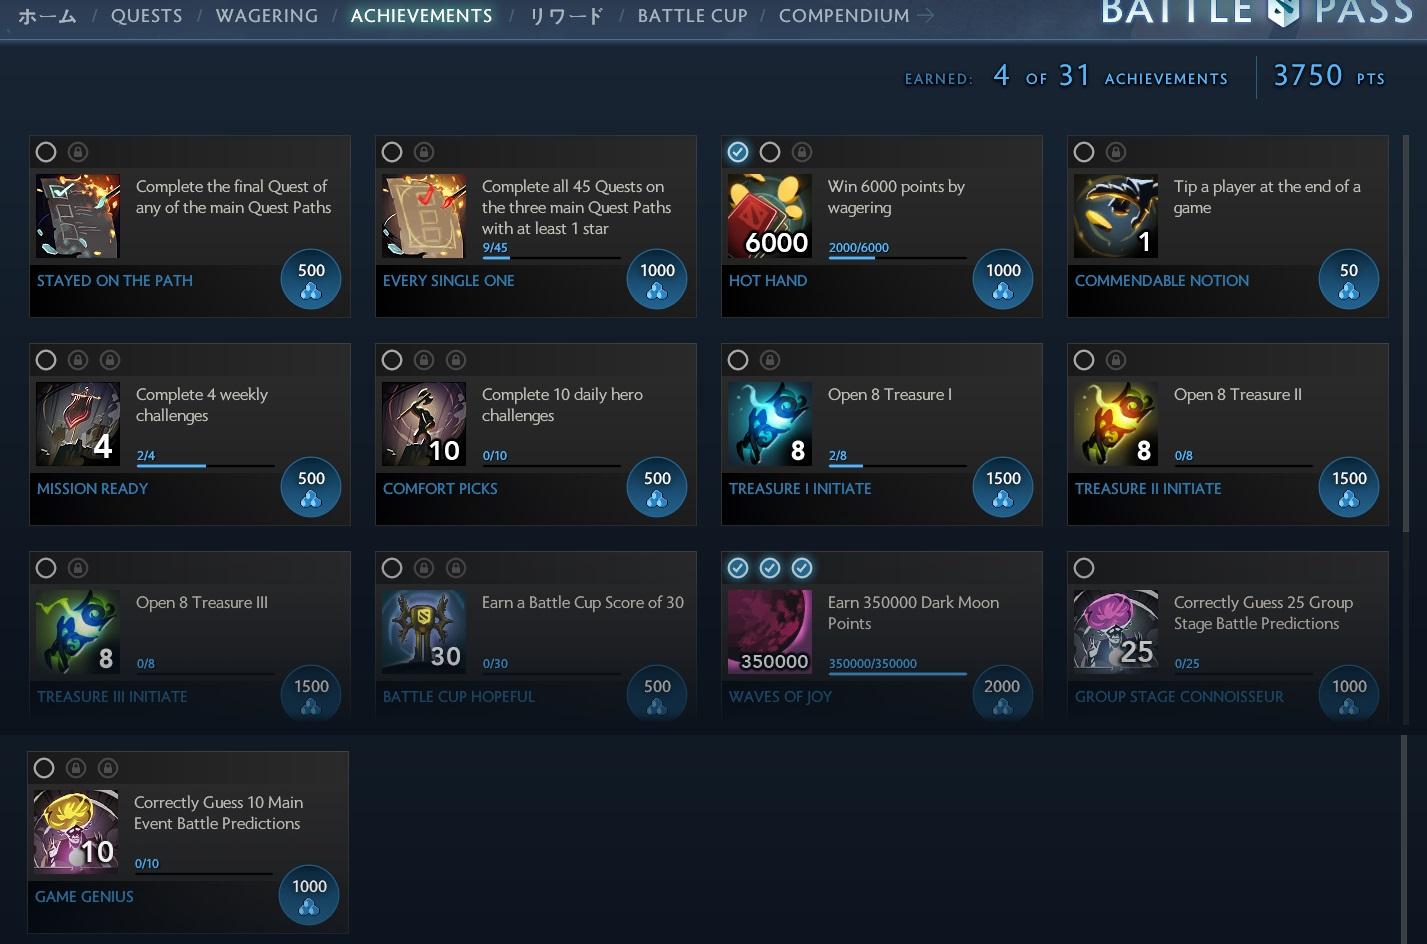 BattlePass011.jpg